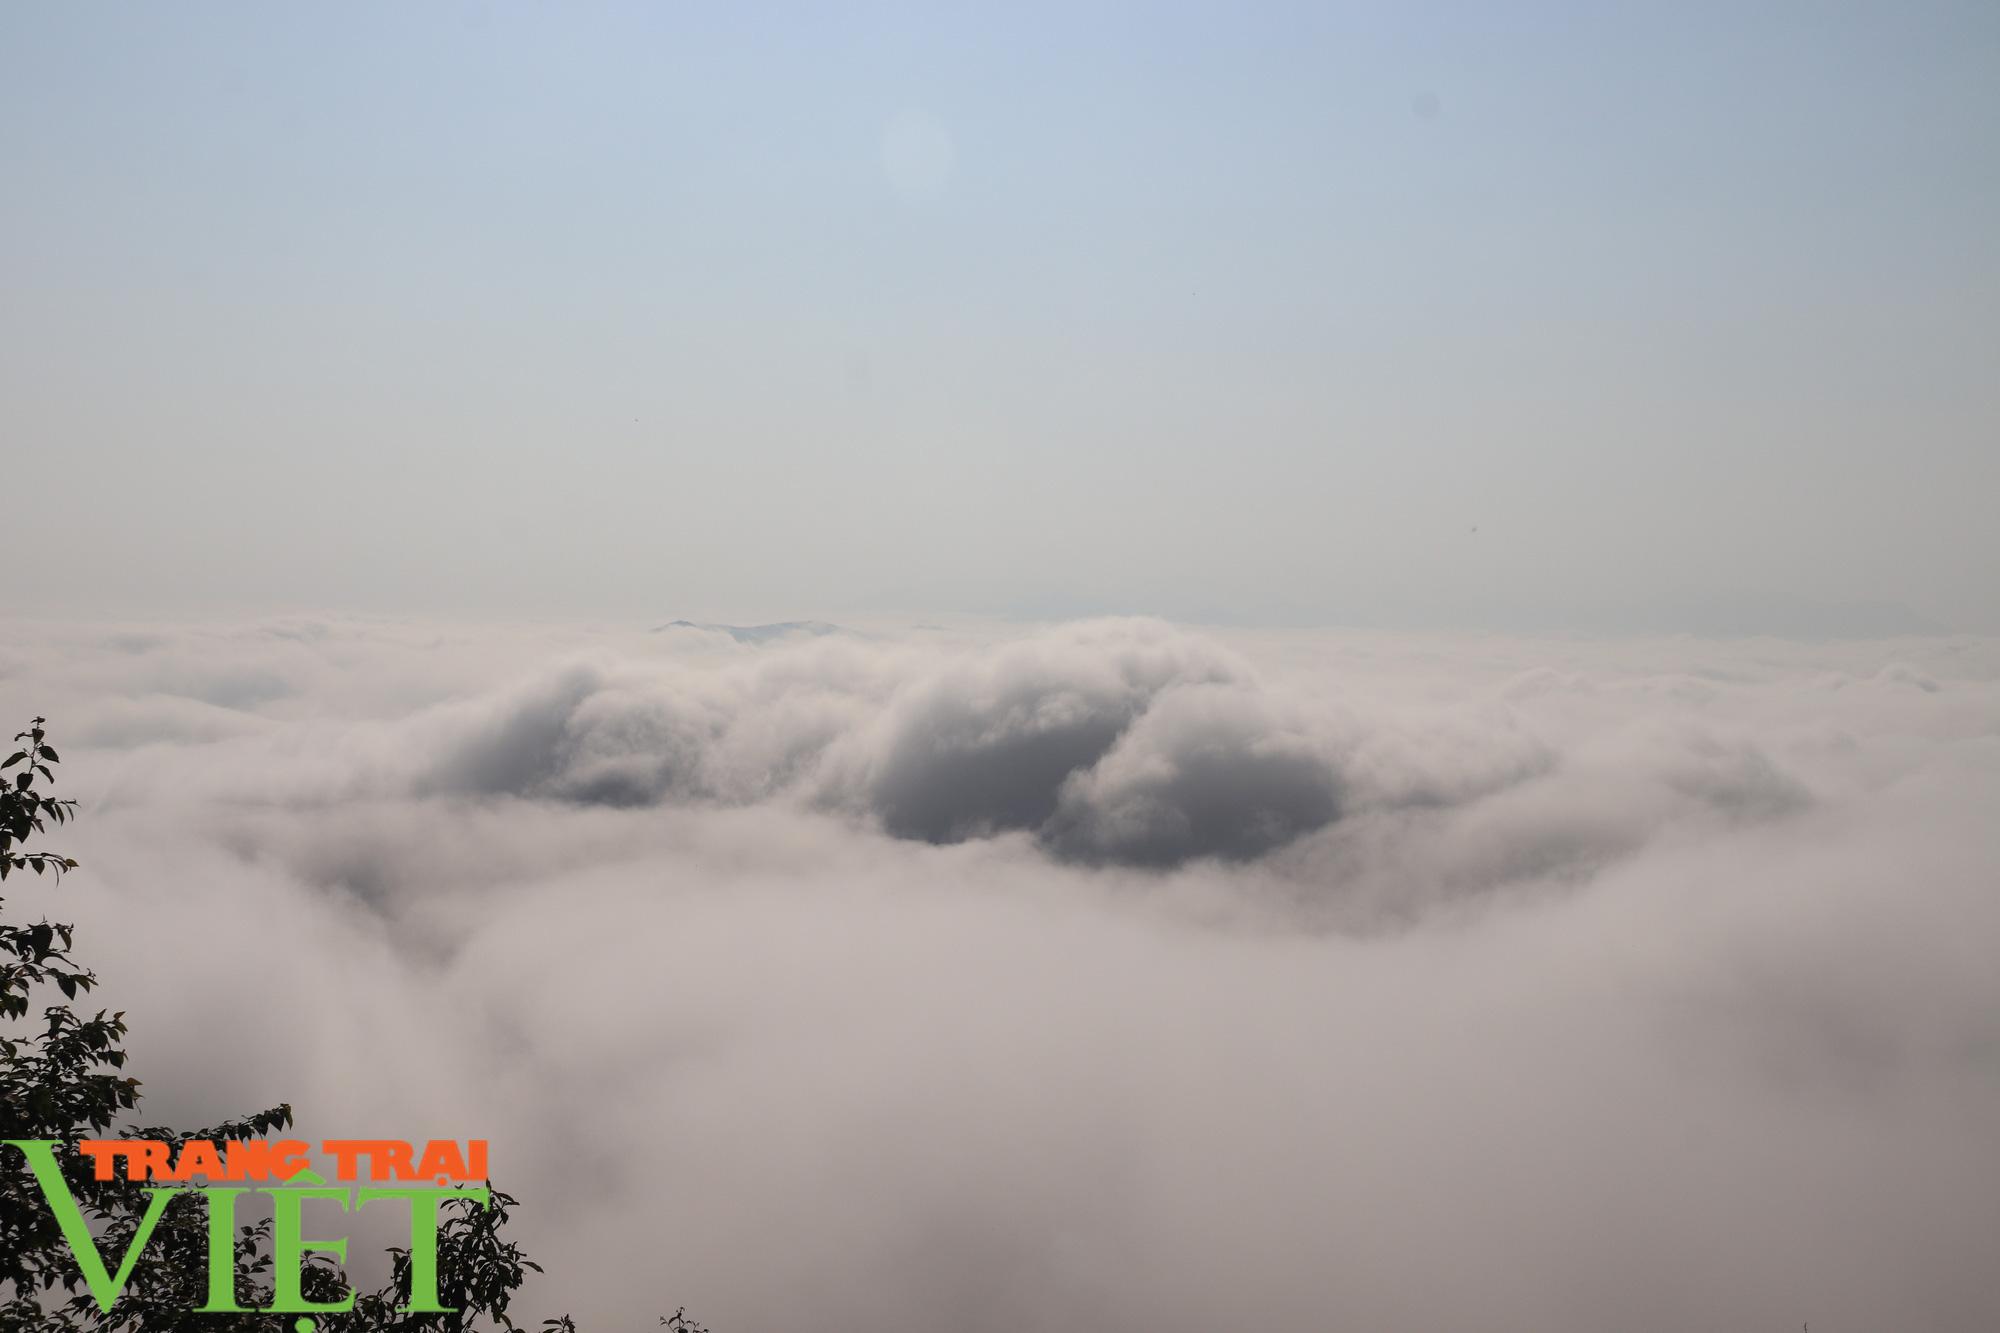 Săn mây trên đỉnh Tênh Phông những ngày đầu xuân - Ảnh 8.